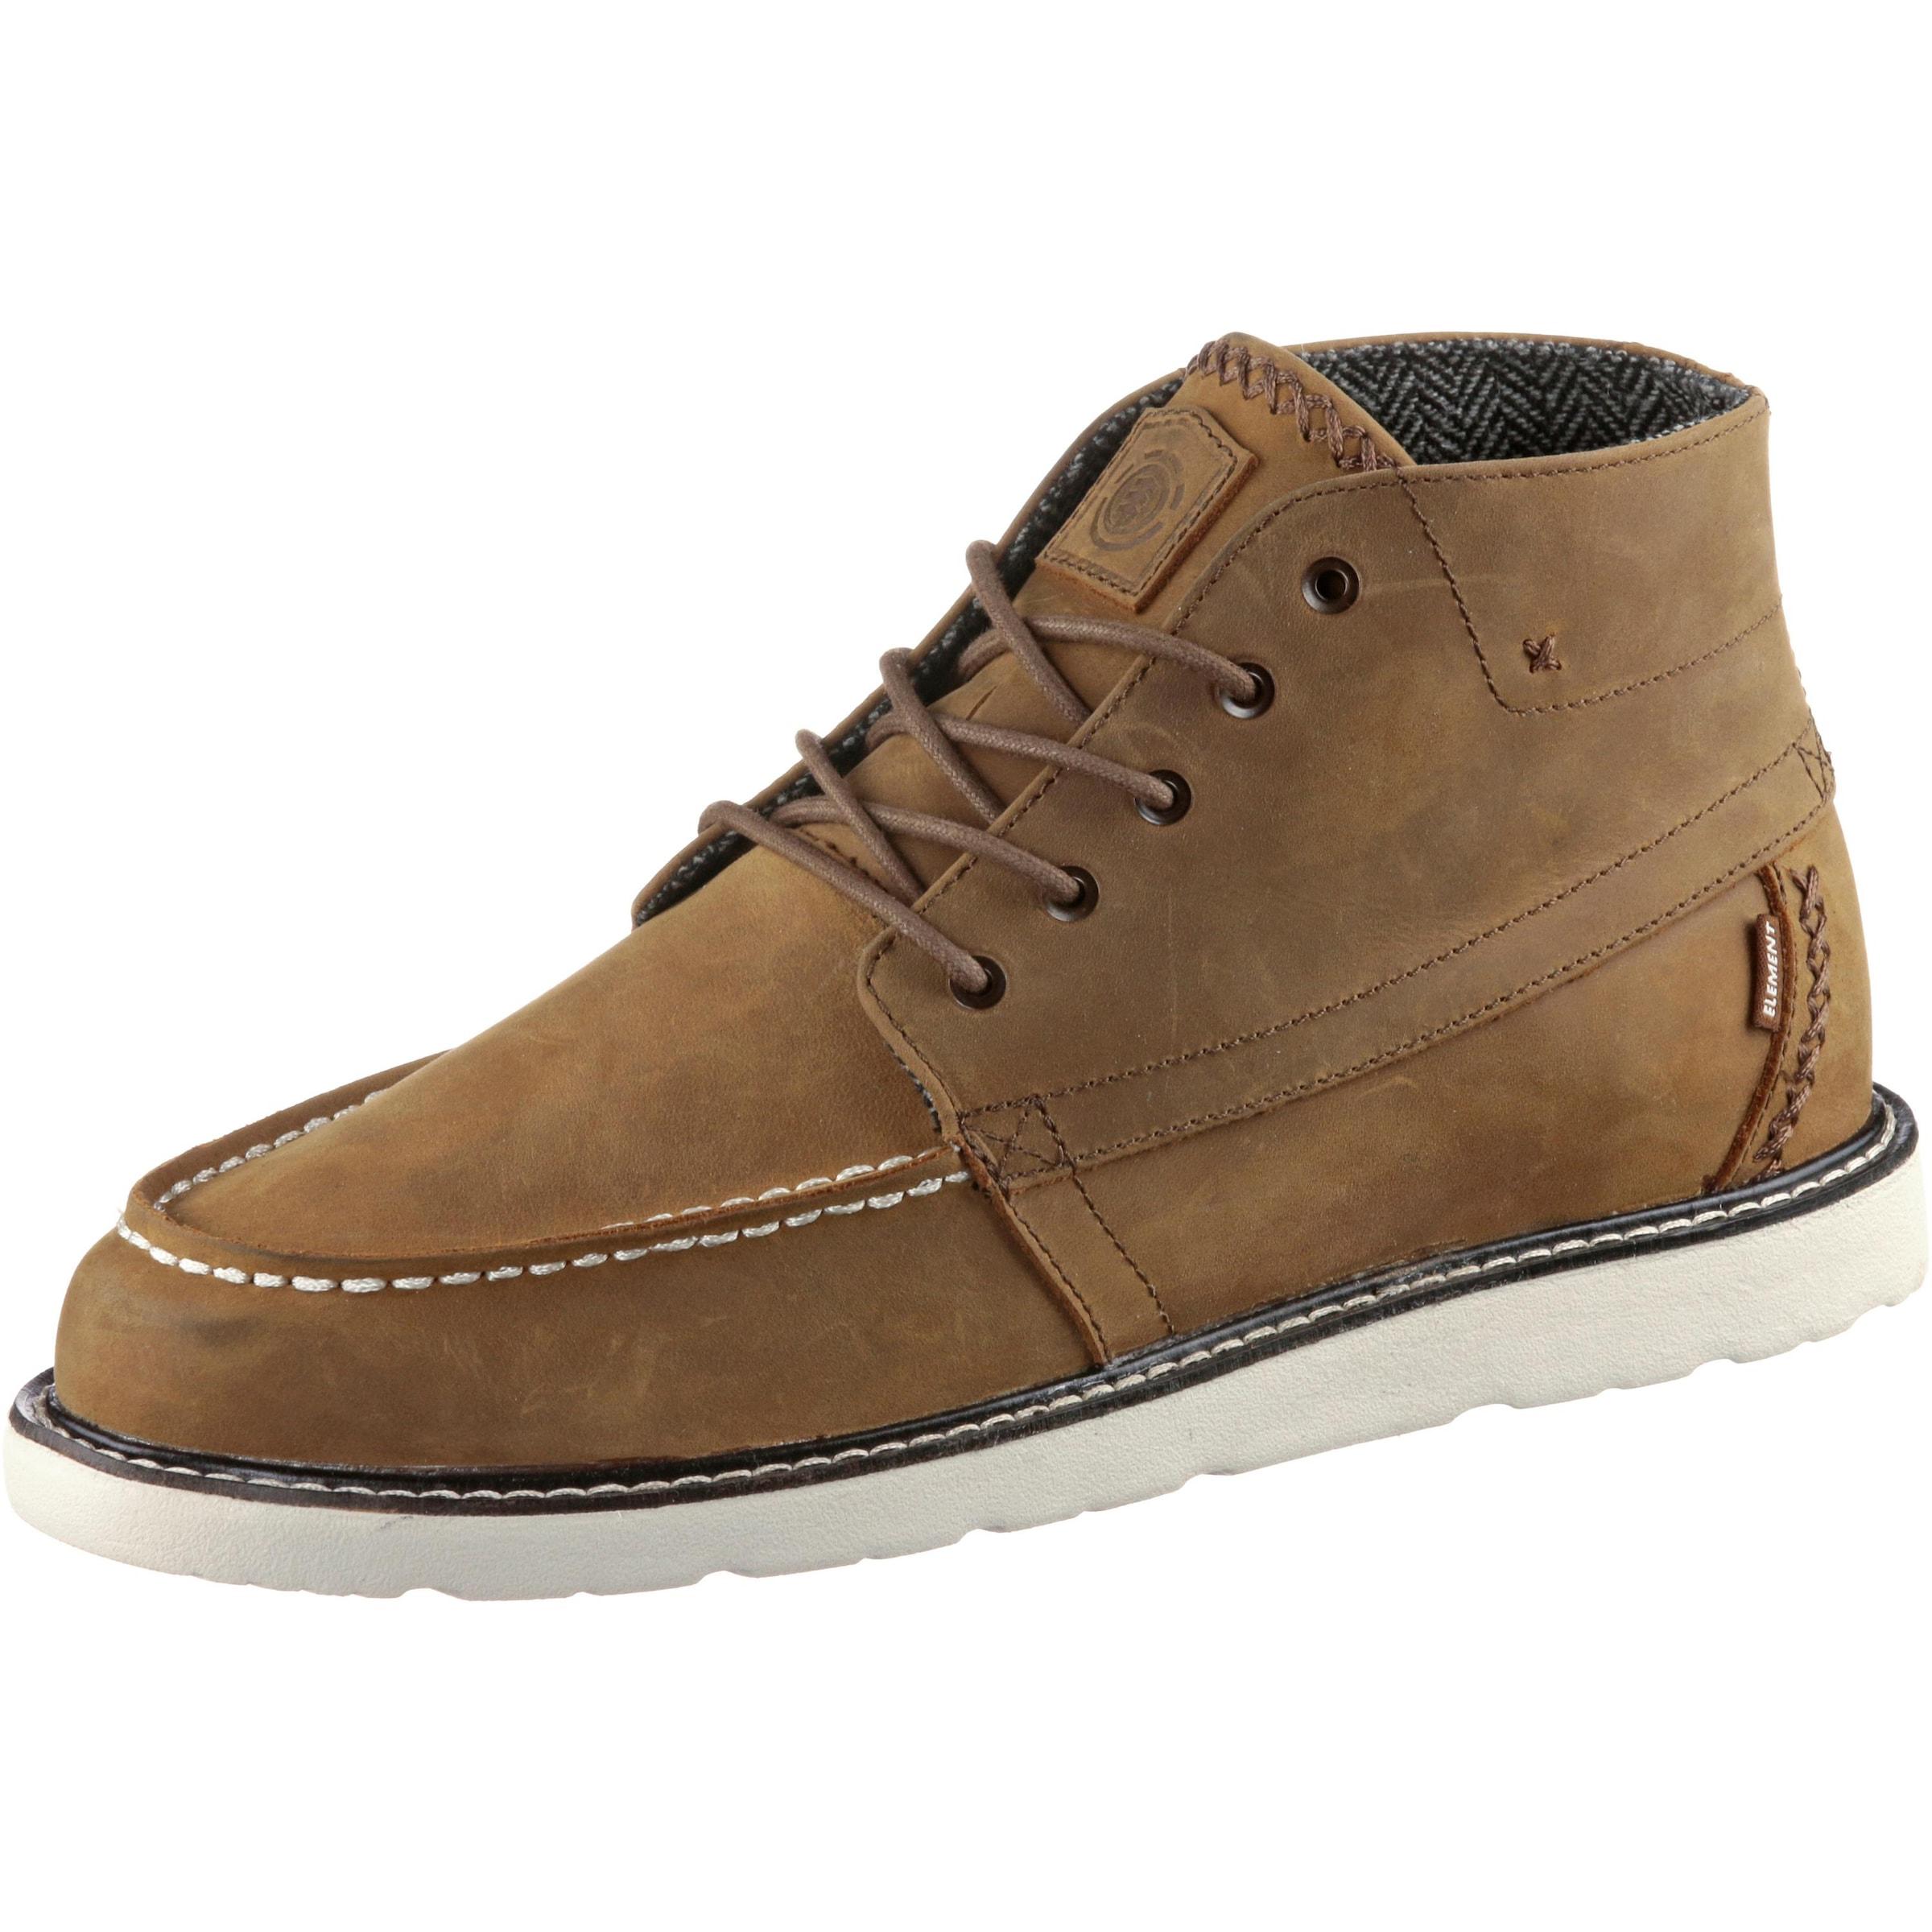 ELEMENT BANKTON Sneaker Herren Verschleißfeste billige Schuhe